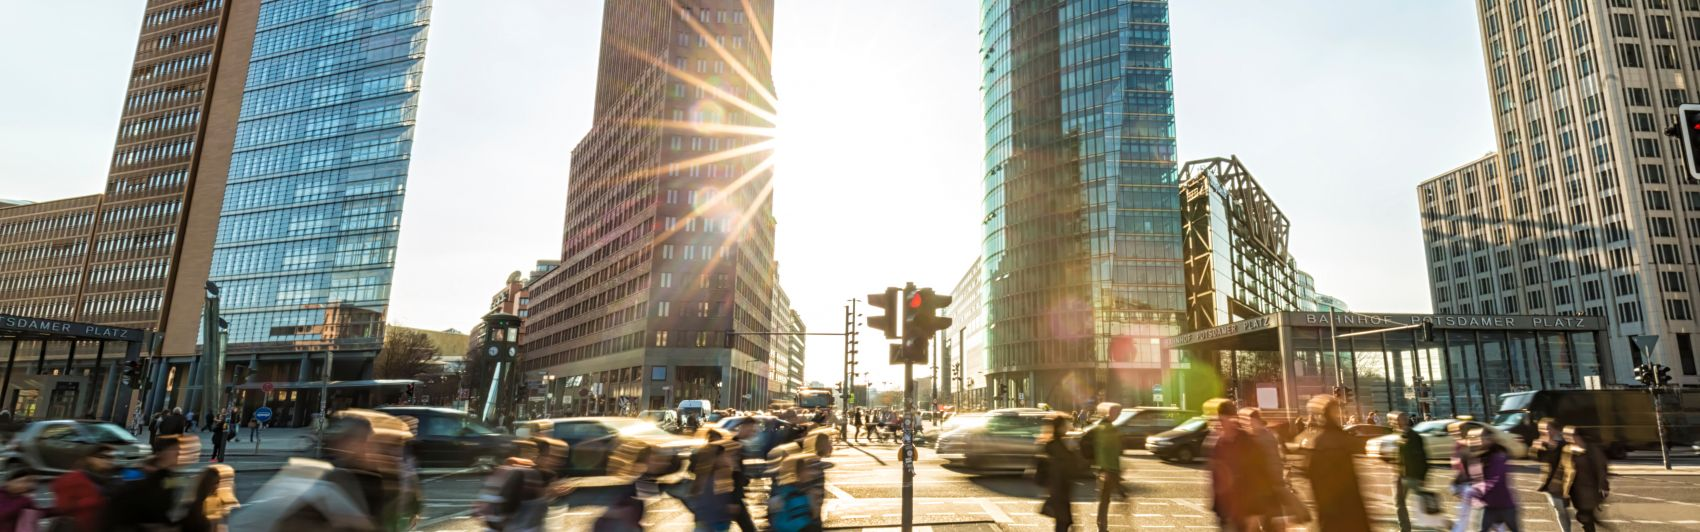 Büroflächen am Potsdamer Platz